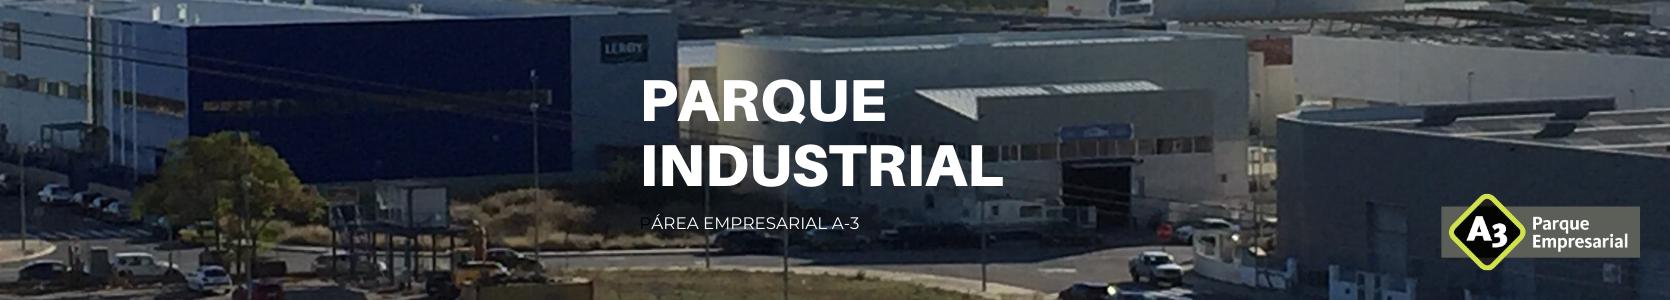 Banner Parque Industrial Loriguilla